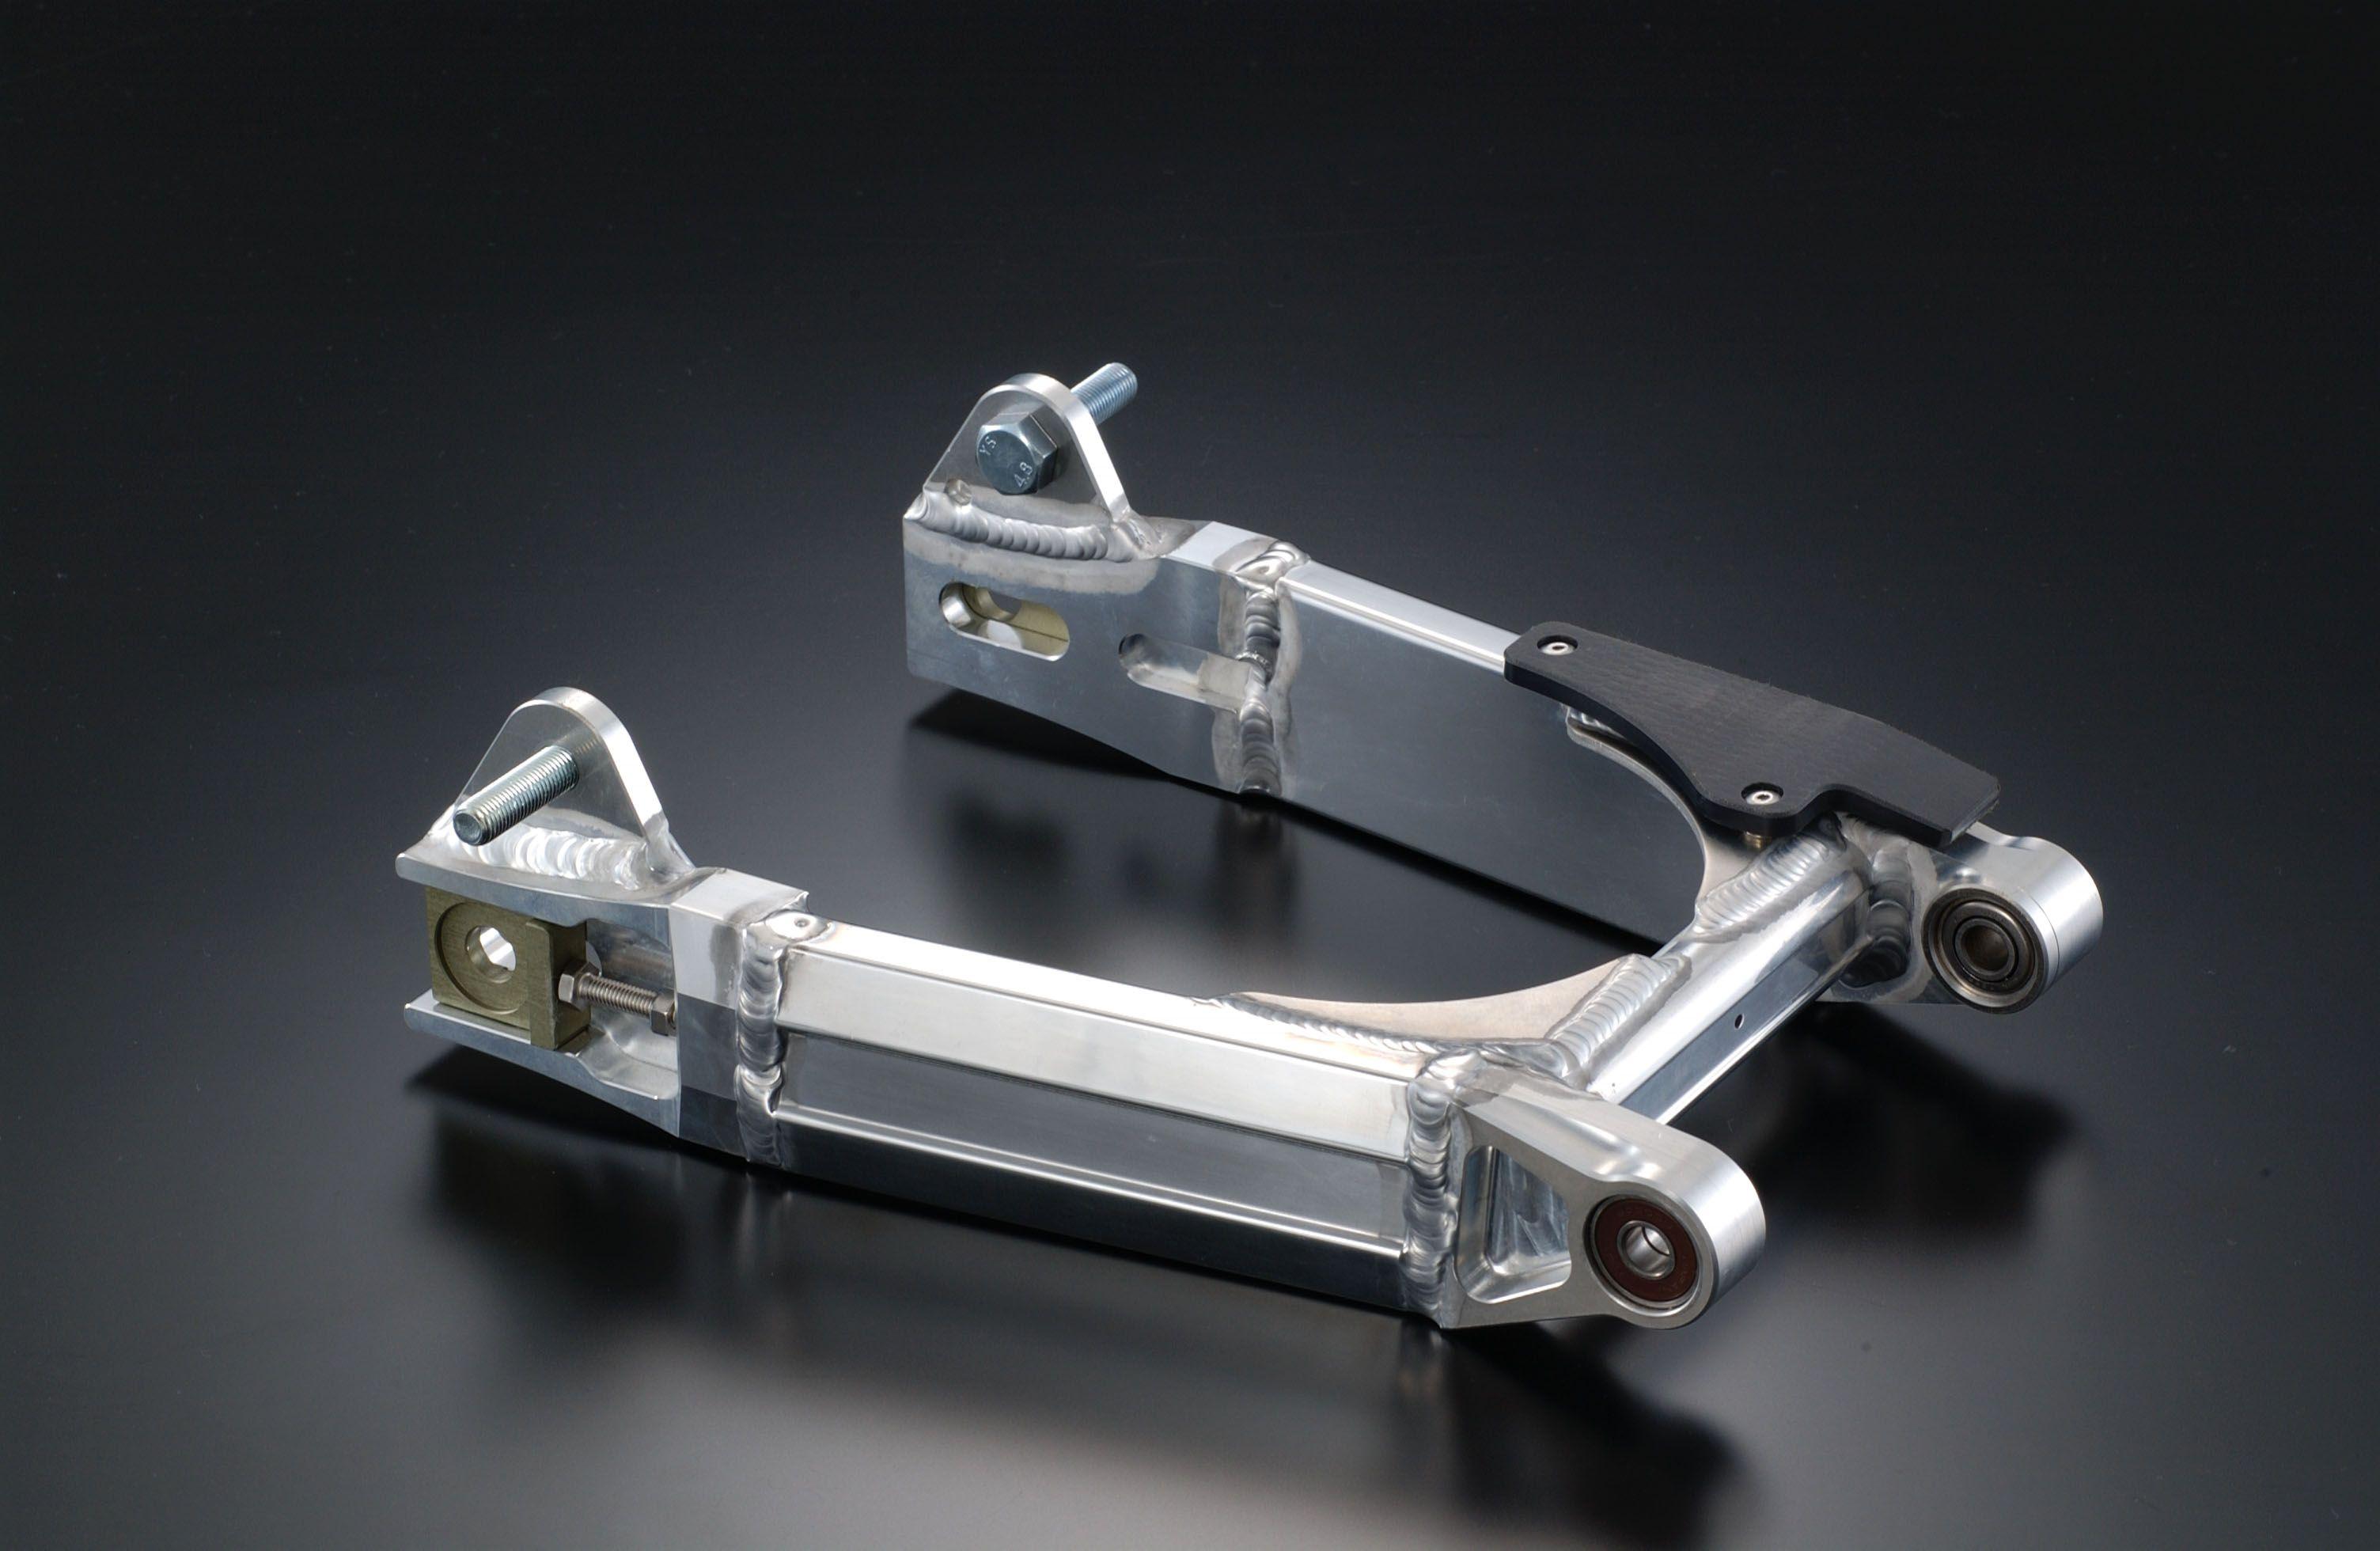 【G-Craft】超寬版雙避震多角型後搖臂mini 加長20cm - 「Webike-摩托百貨」